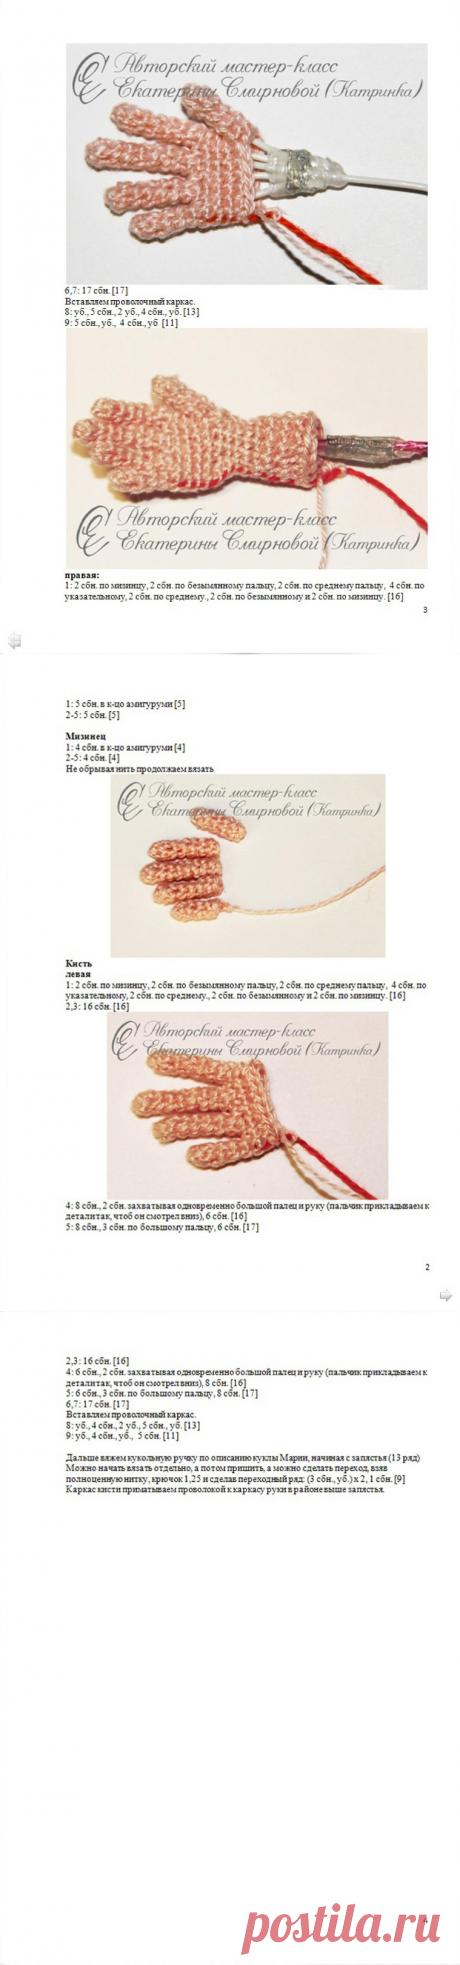 Основа для куклы амигуруми: вязание крючком — DIYIdeas